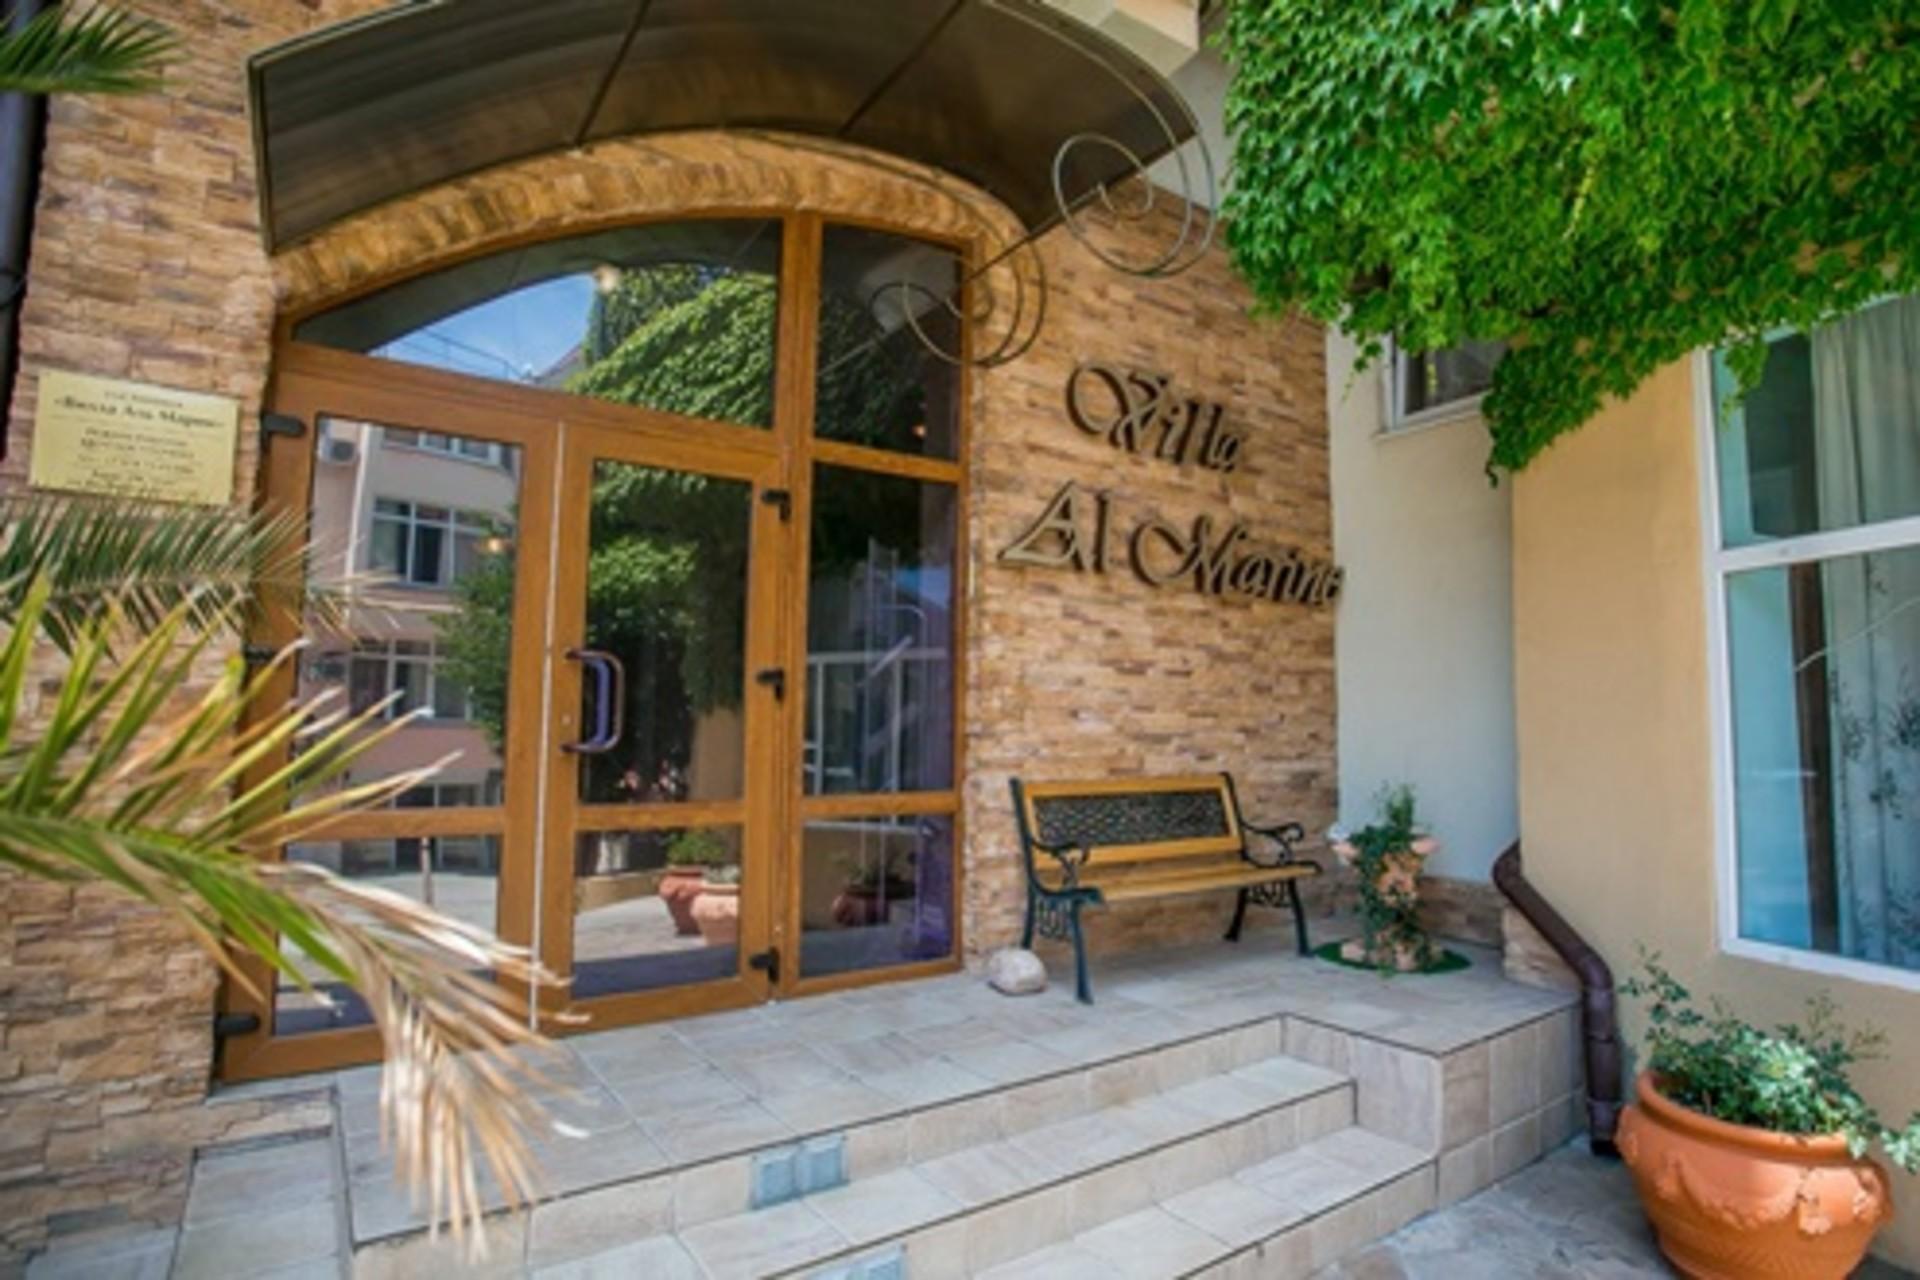 villa-al-marine-vhod.jpg